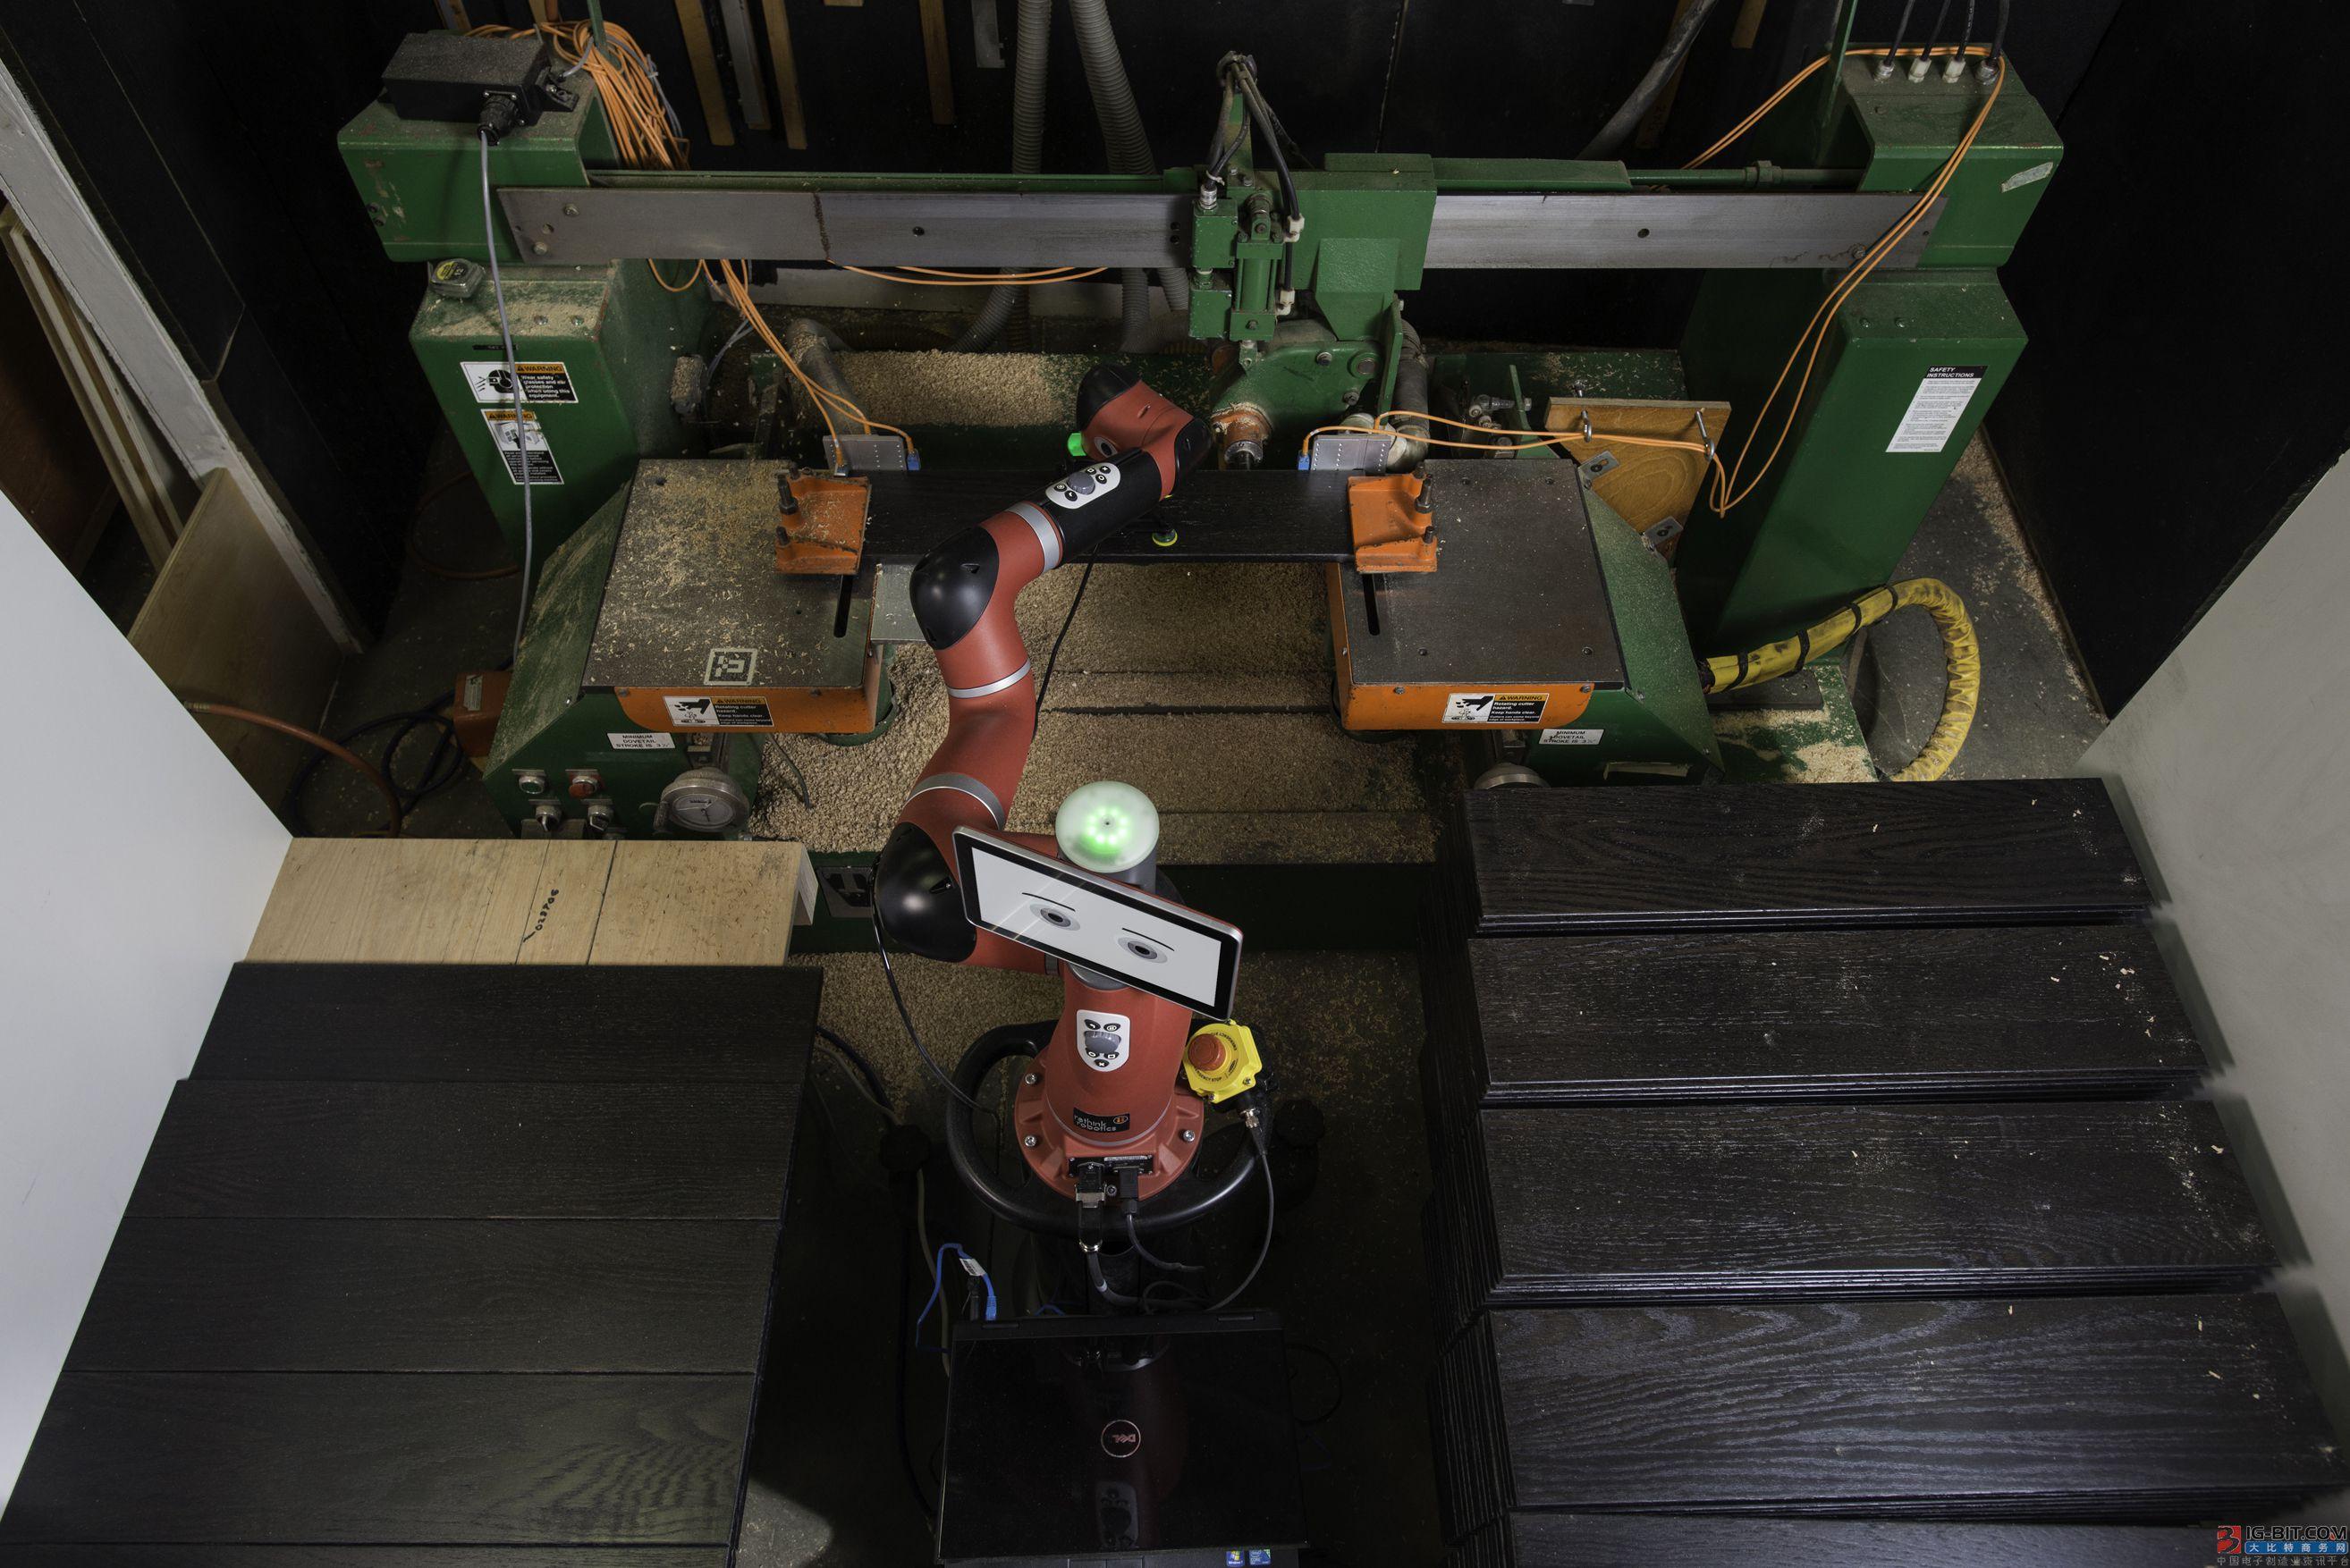 Sawyer智能协作机器人帮助美国家具制造商填补劳动力缺口